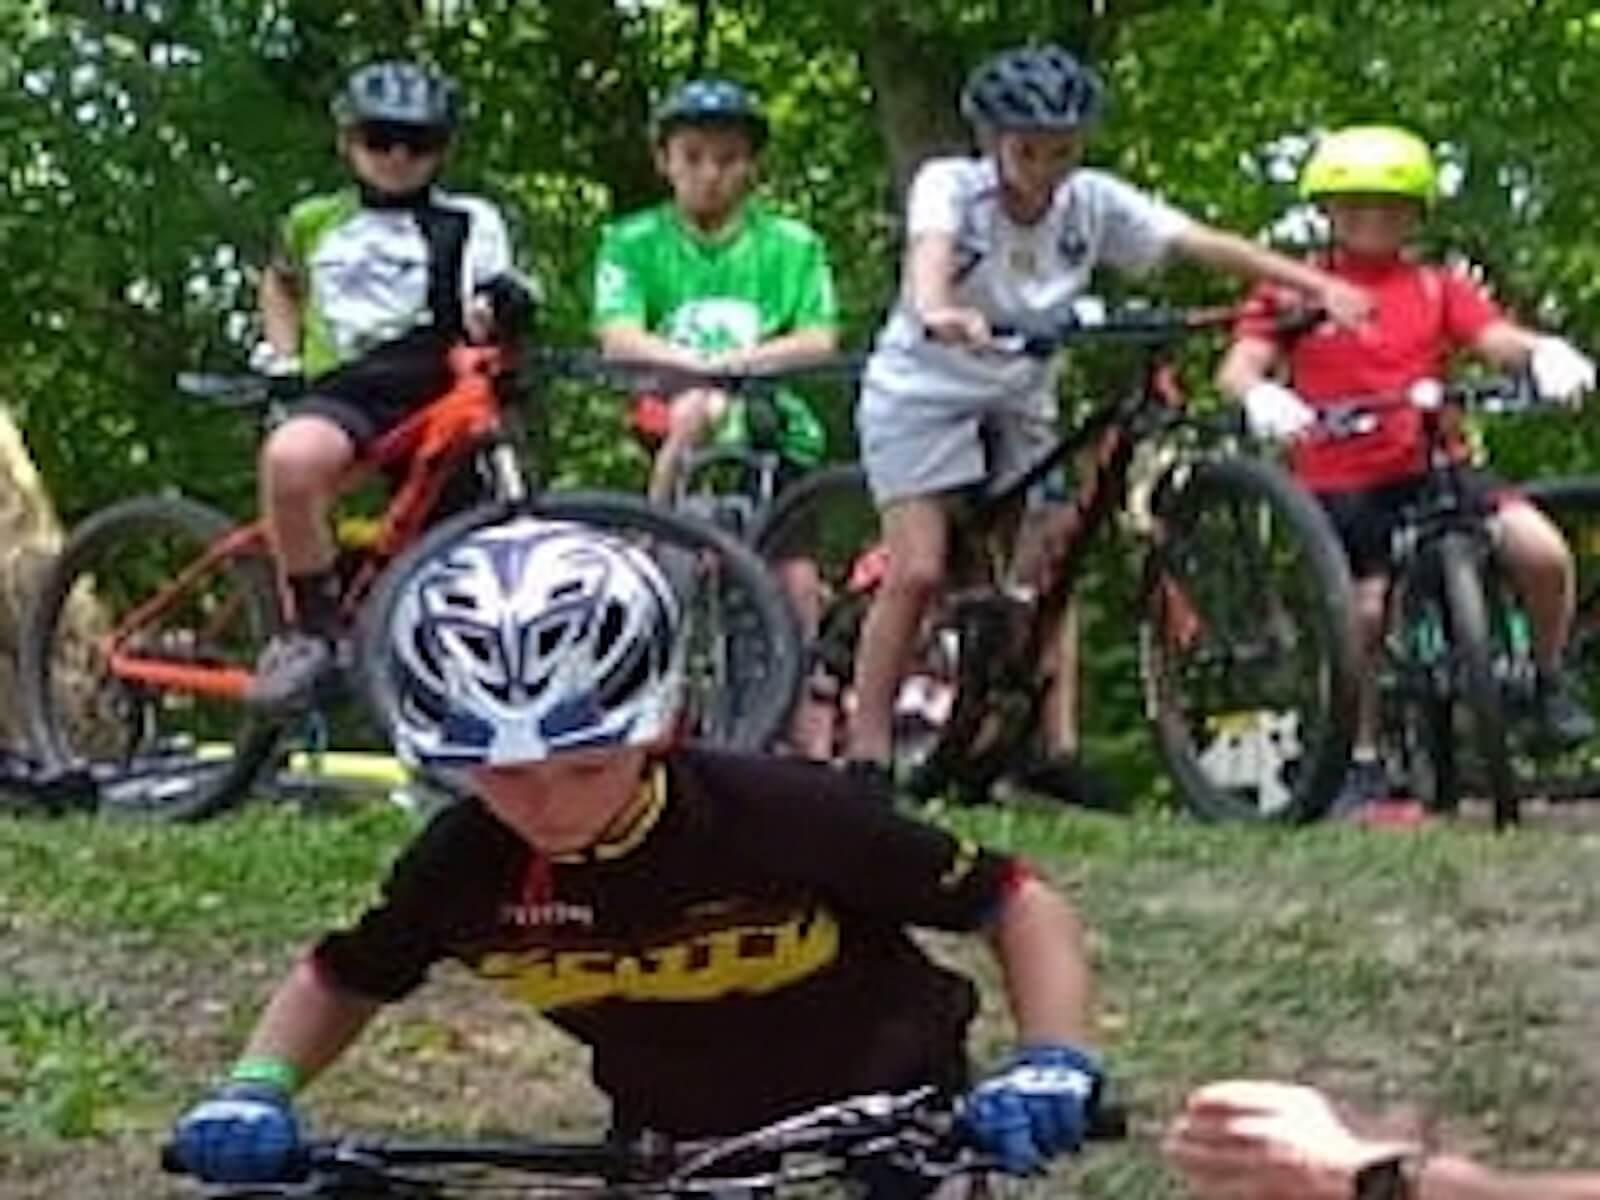 Cours vélo VTT - Les bikers